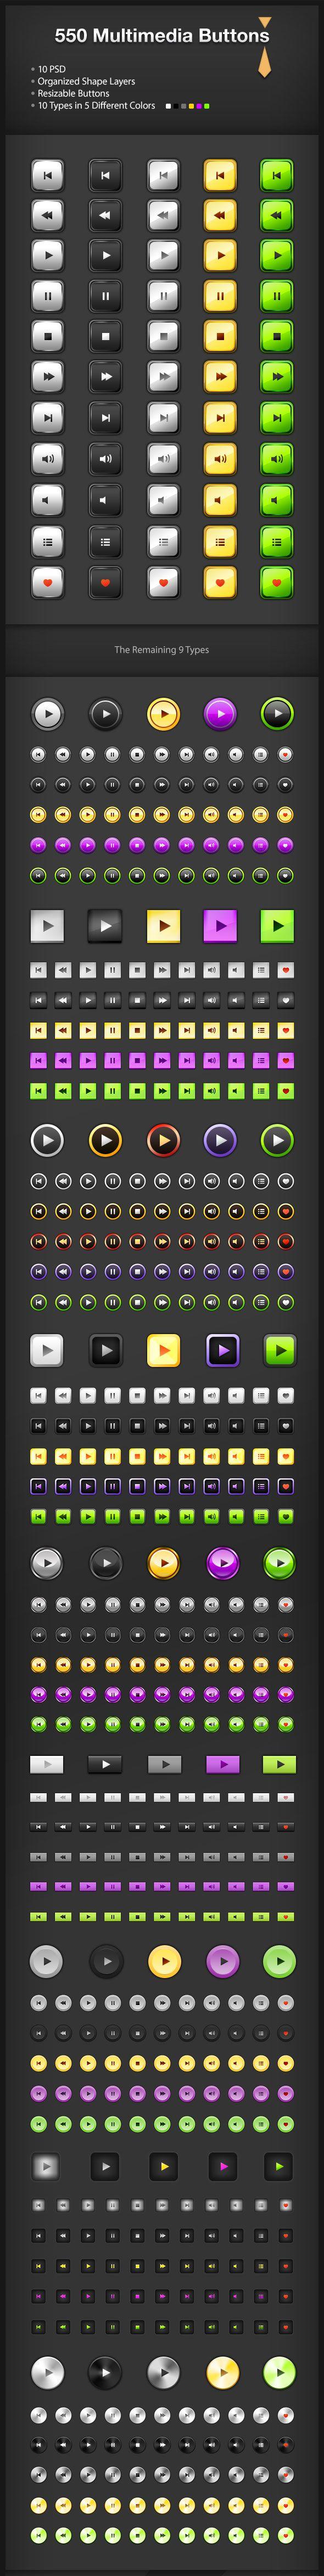 دانلود دکمه مولتی مدیا قالب گرافیکی